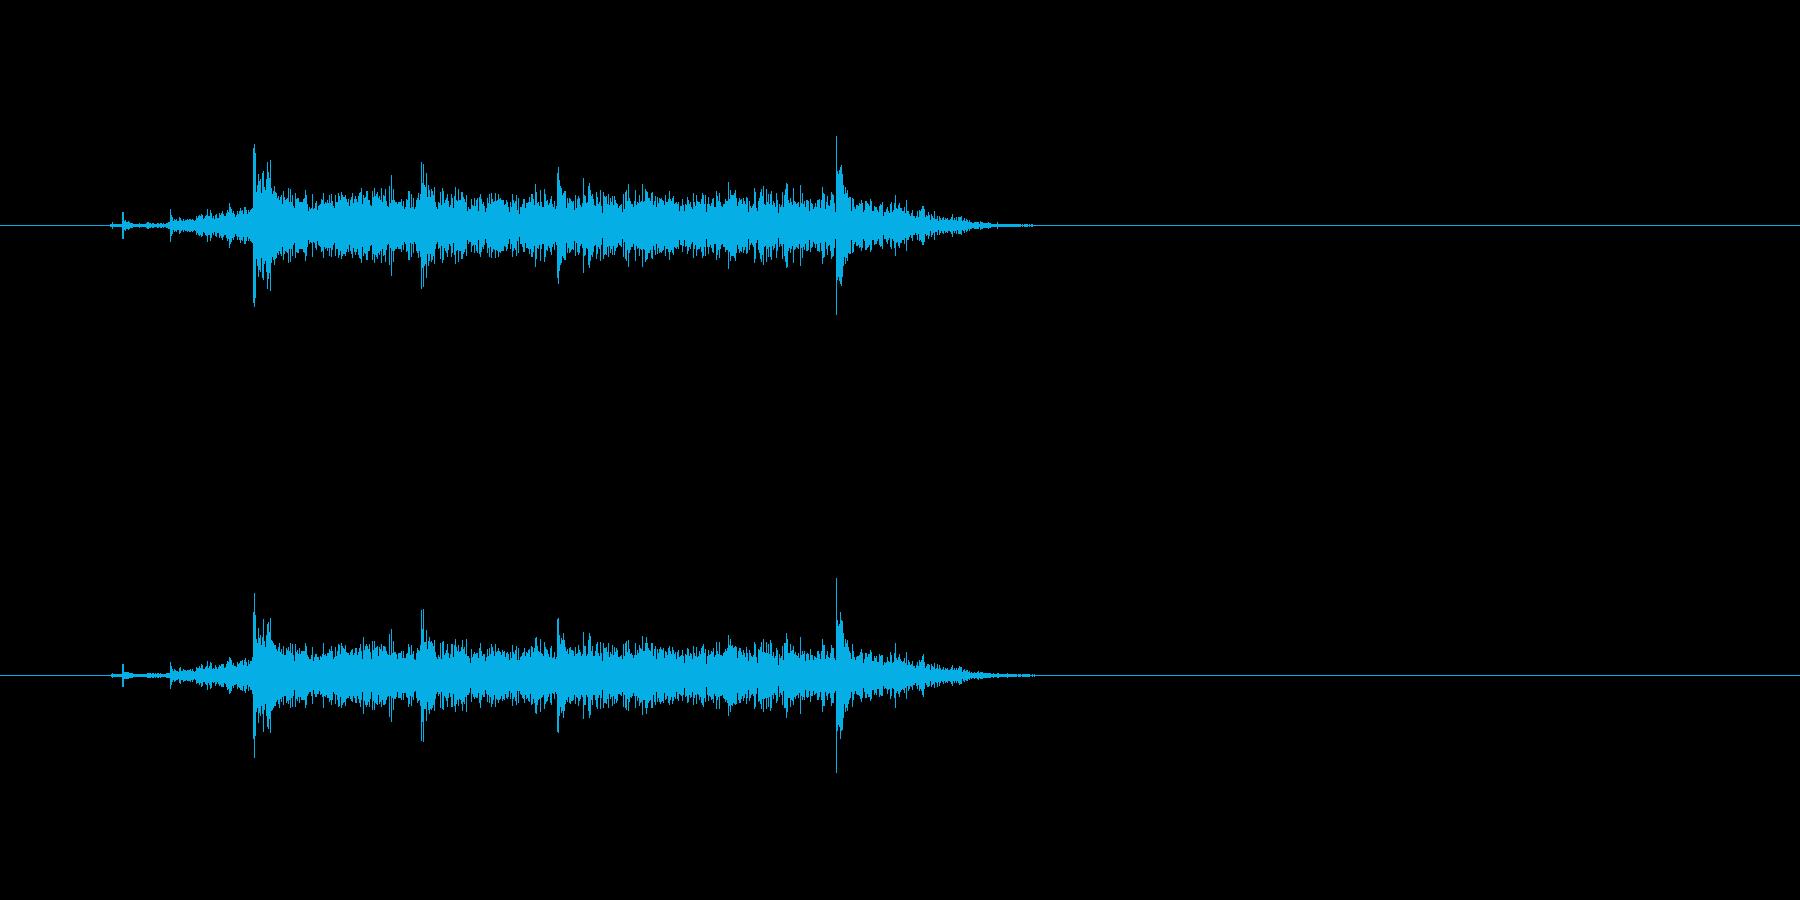 【カーテン02-4】の再生済みの波形